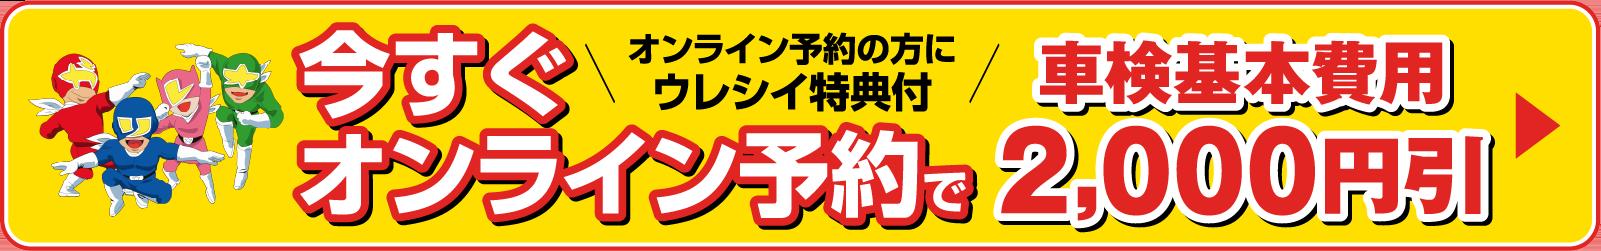 オンライン予約の方にウレシイ特典付 今すぐオンライン予約で車検基本費用2,000円引